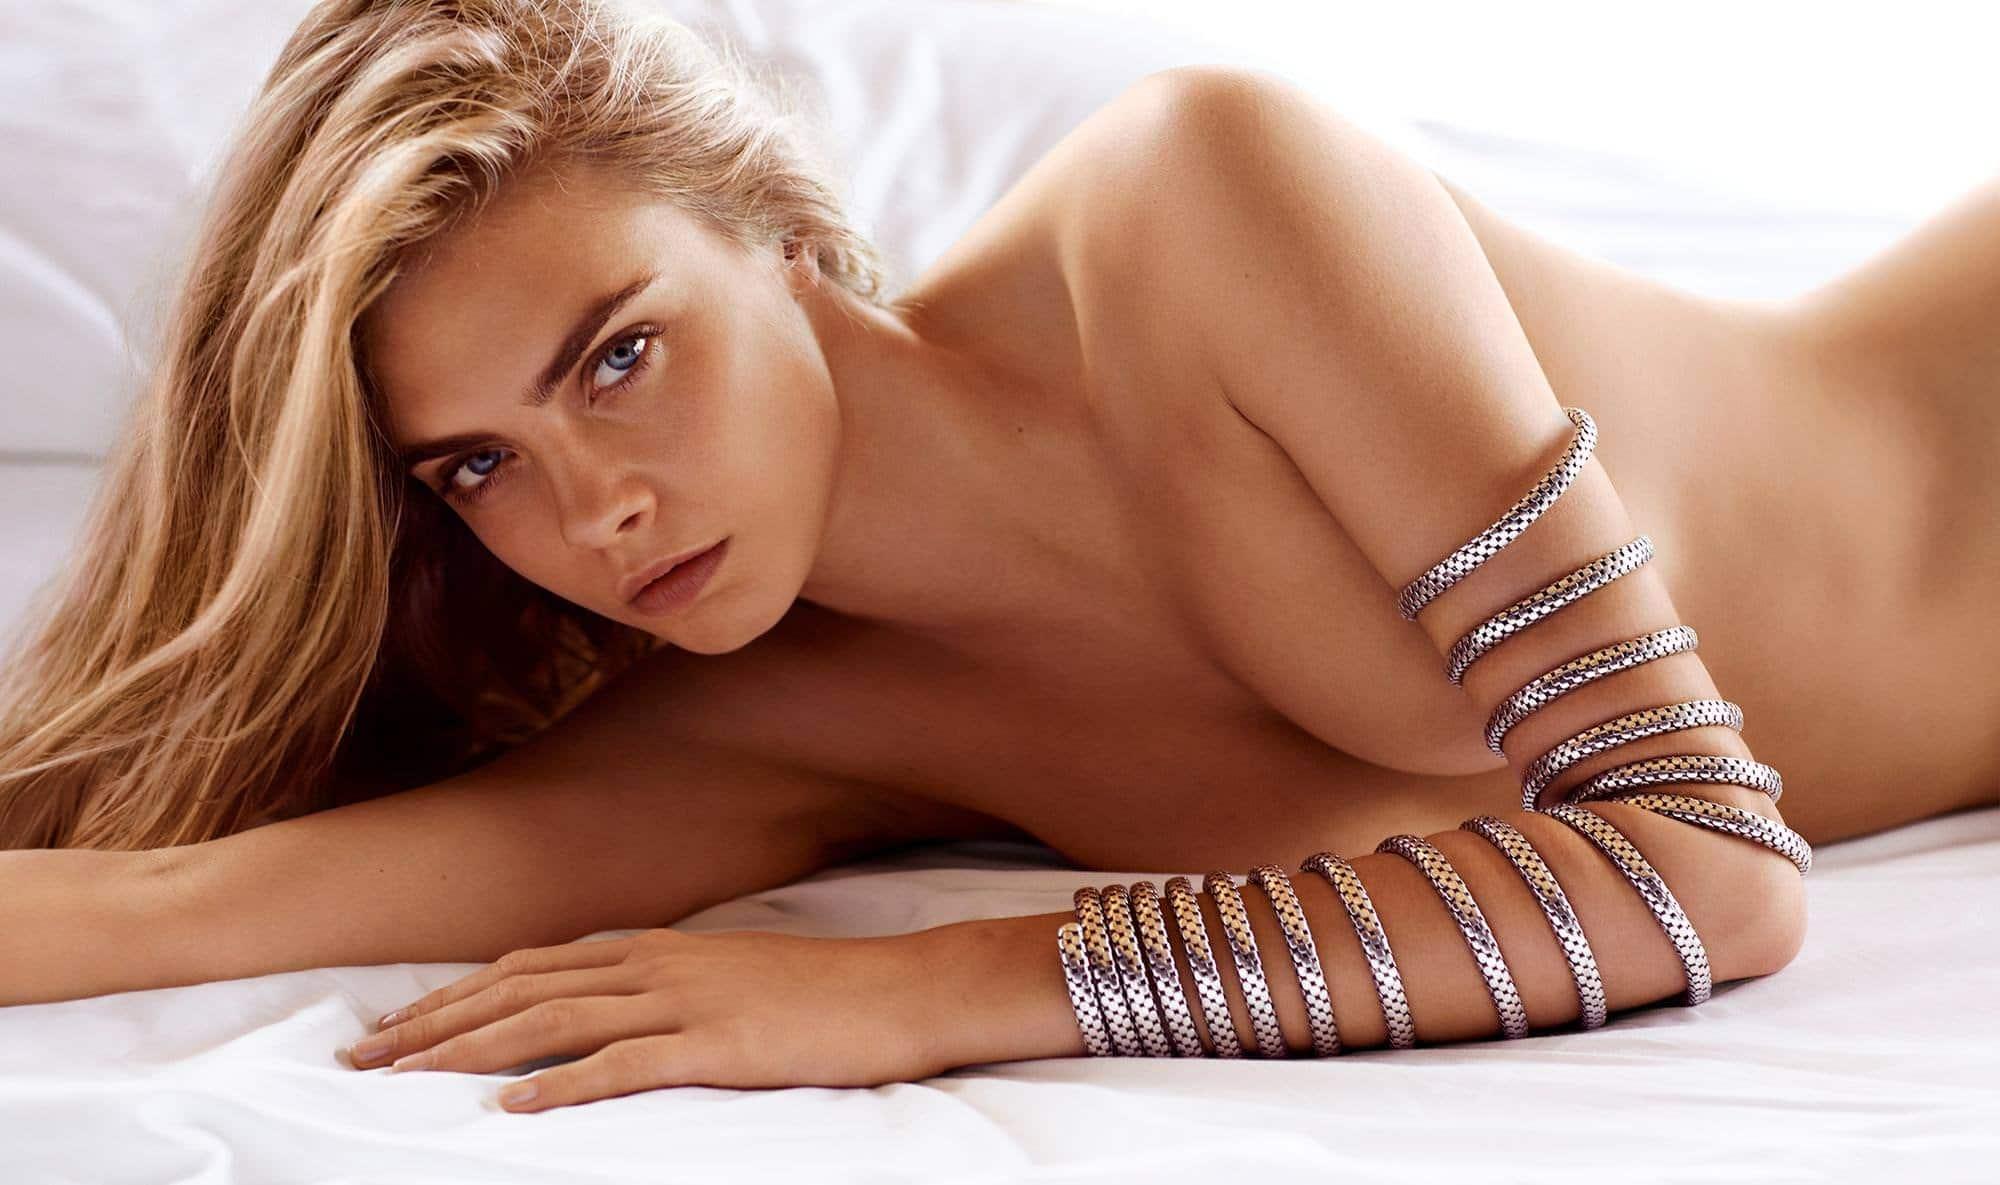 Cara Delevingne boobs show